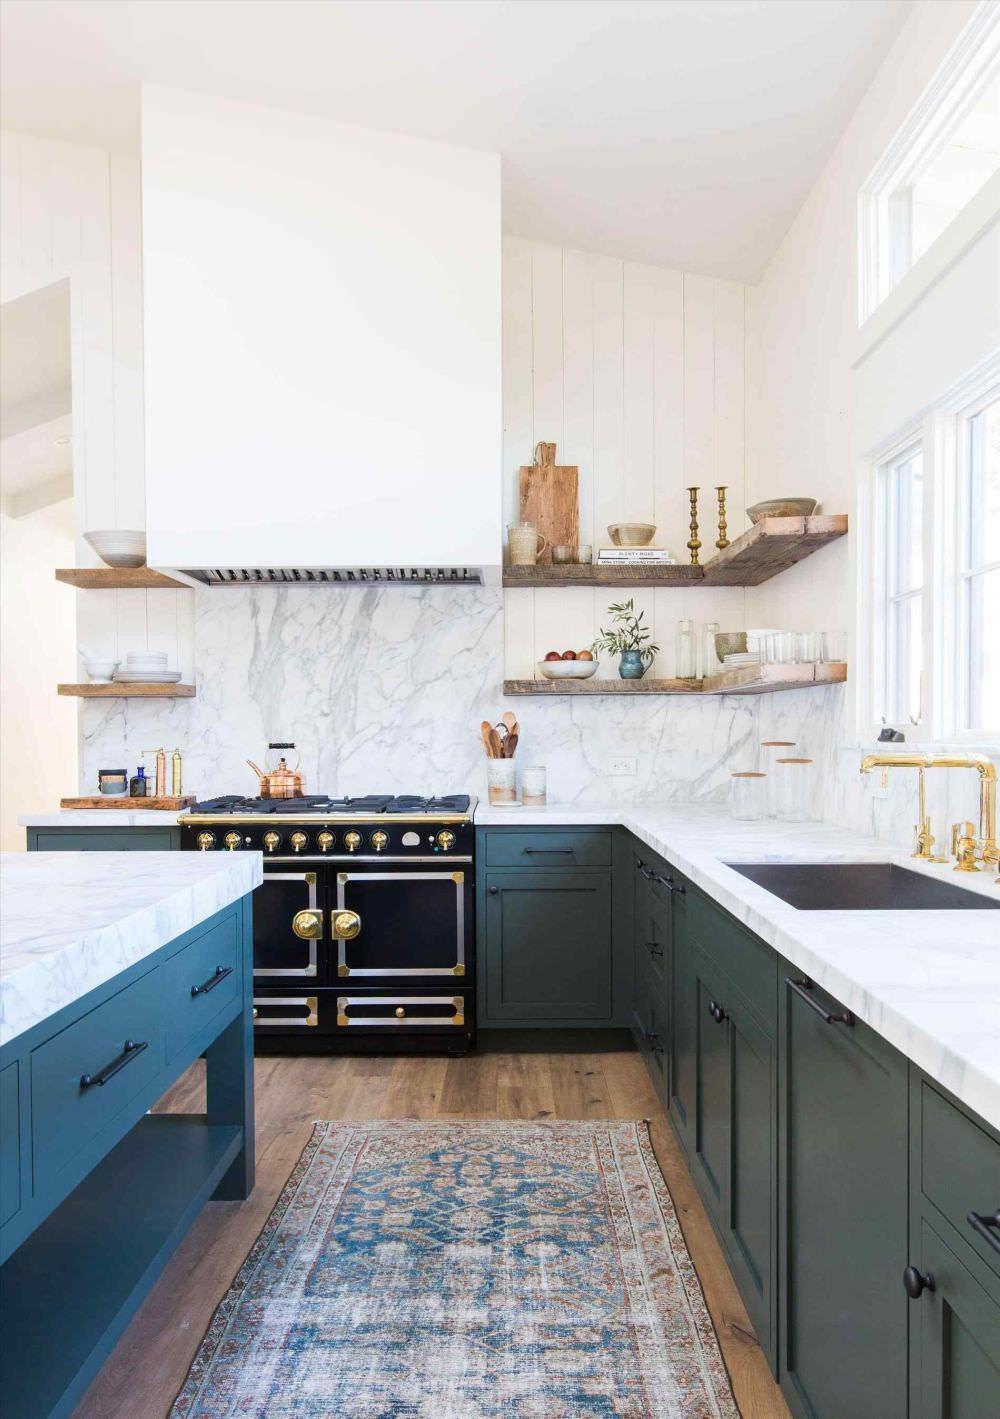 mutfak-acik-raf-modelleri açık mutfak raflarınızı nasıl düzenleyebilirsiniz - mutfak acik raf modelleri 9